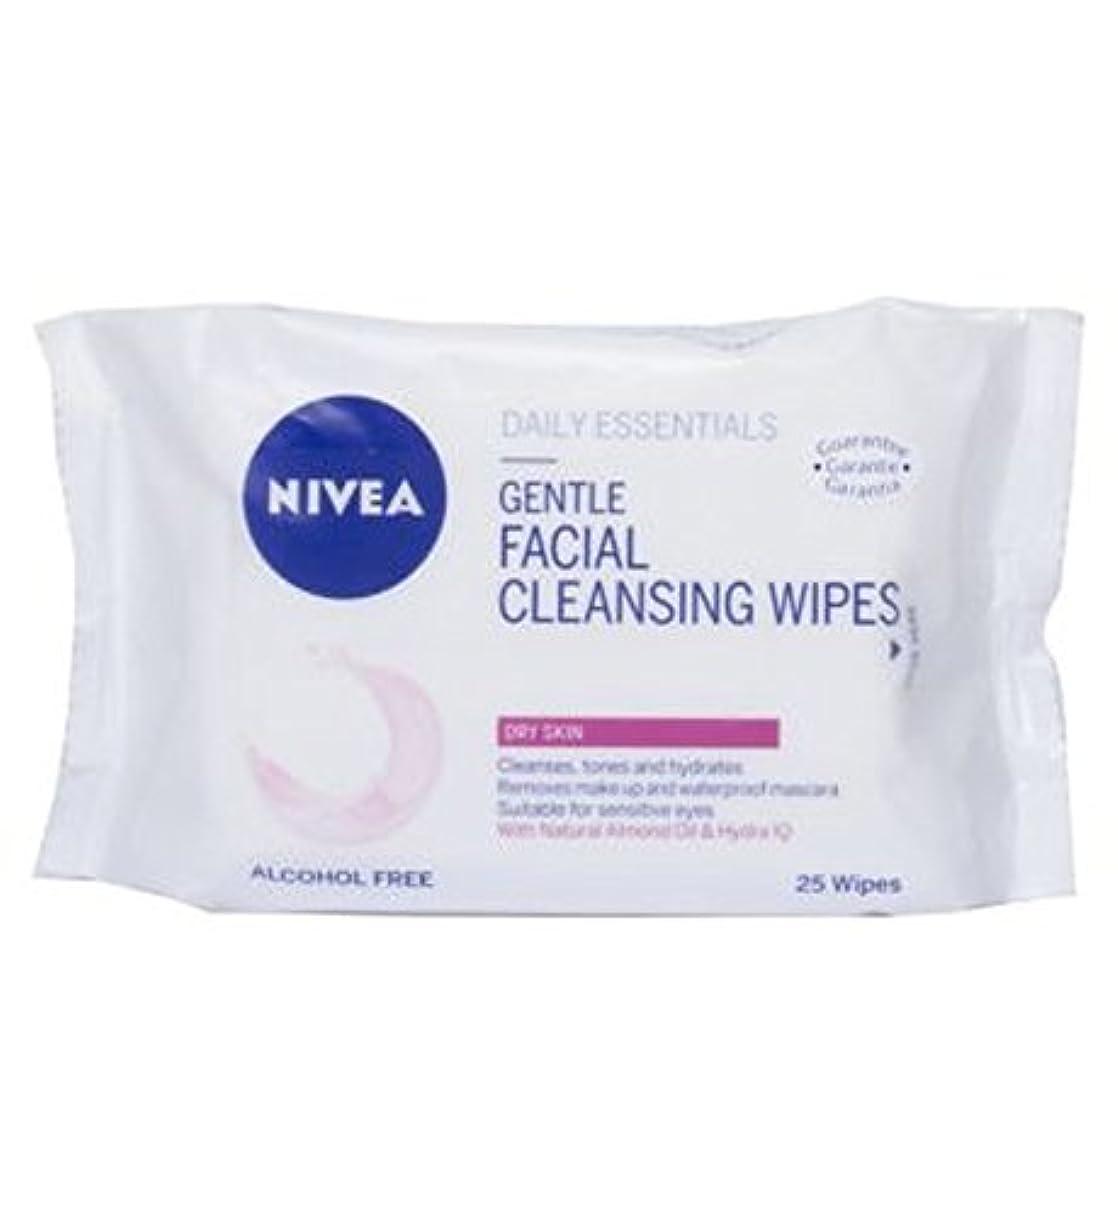 スプーン早熟インドニベア生活必需品優しい洗顔は乾燥肌の25S用のワイプ (Nivea) (x2) - Nivea Daily Essentials Gentle Facial Cleansing Wipes For Dry Skin 25s...